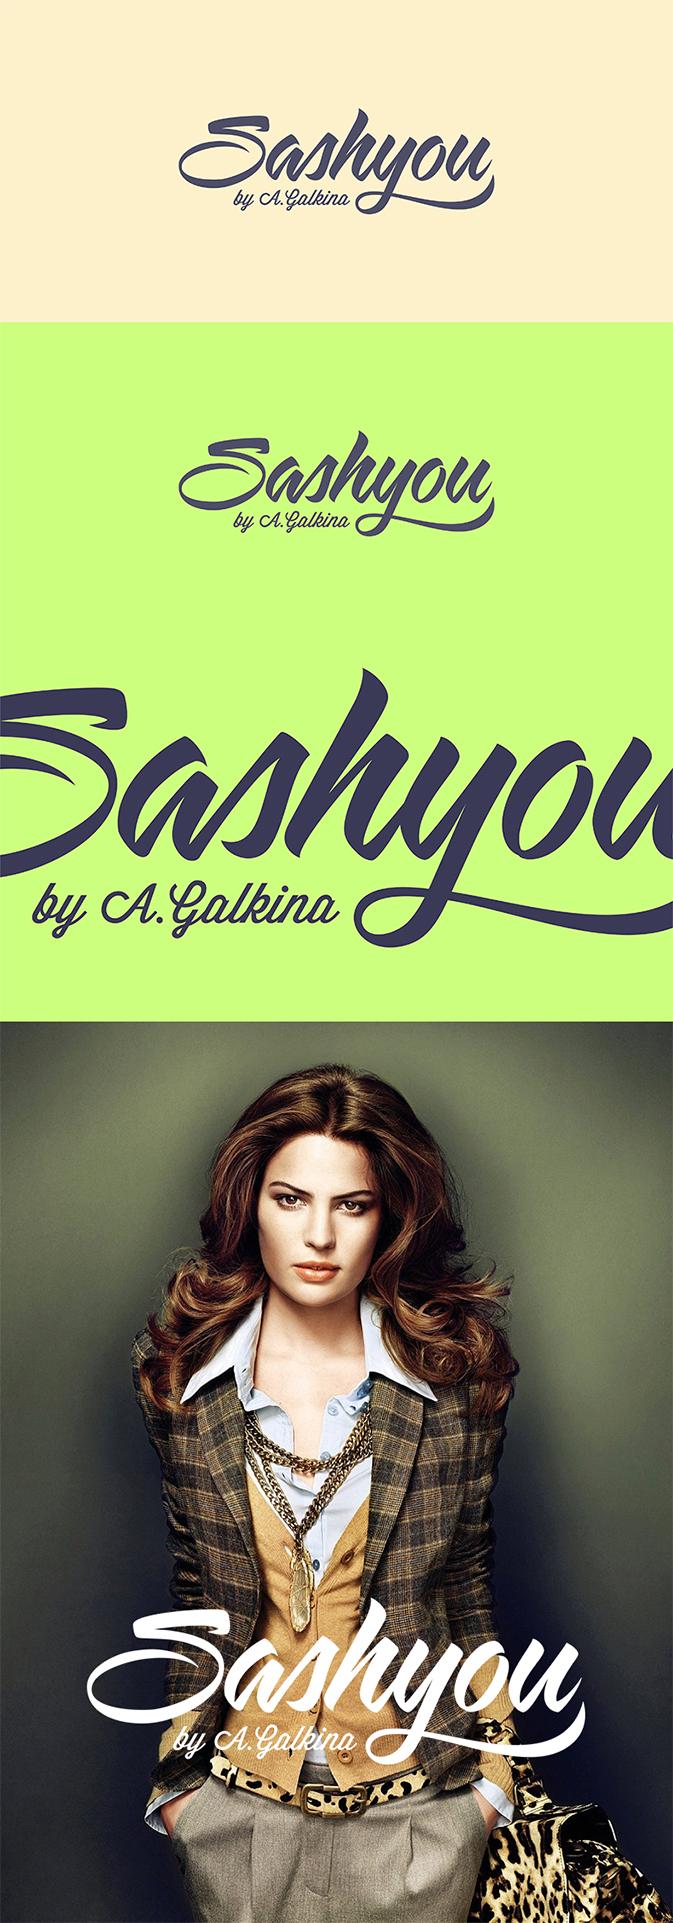 Sashyou